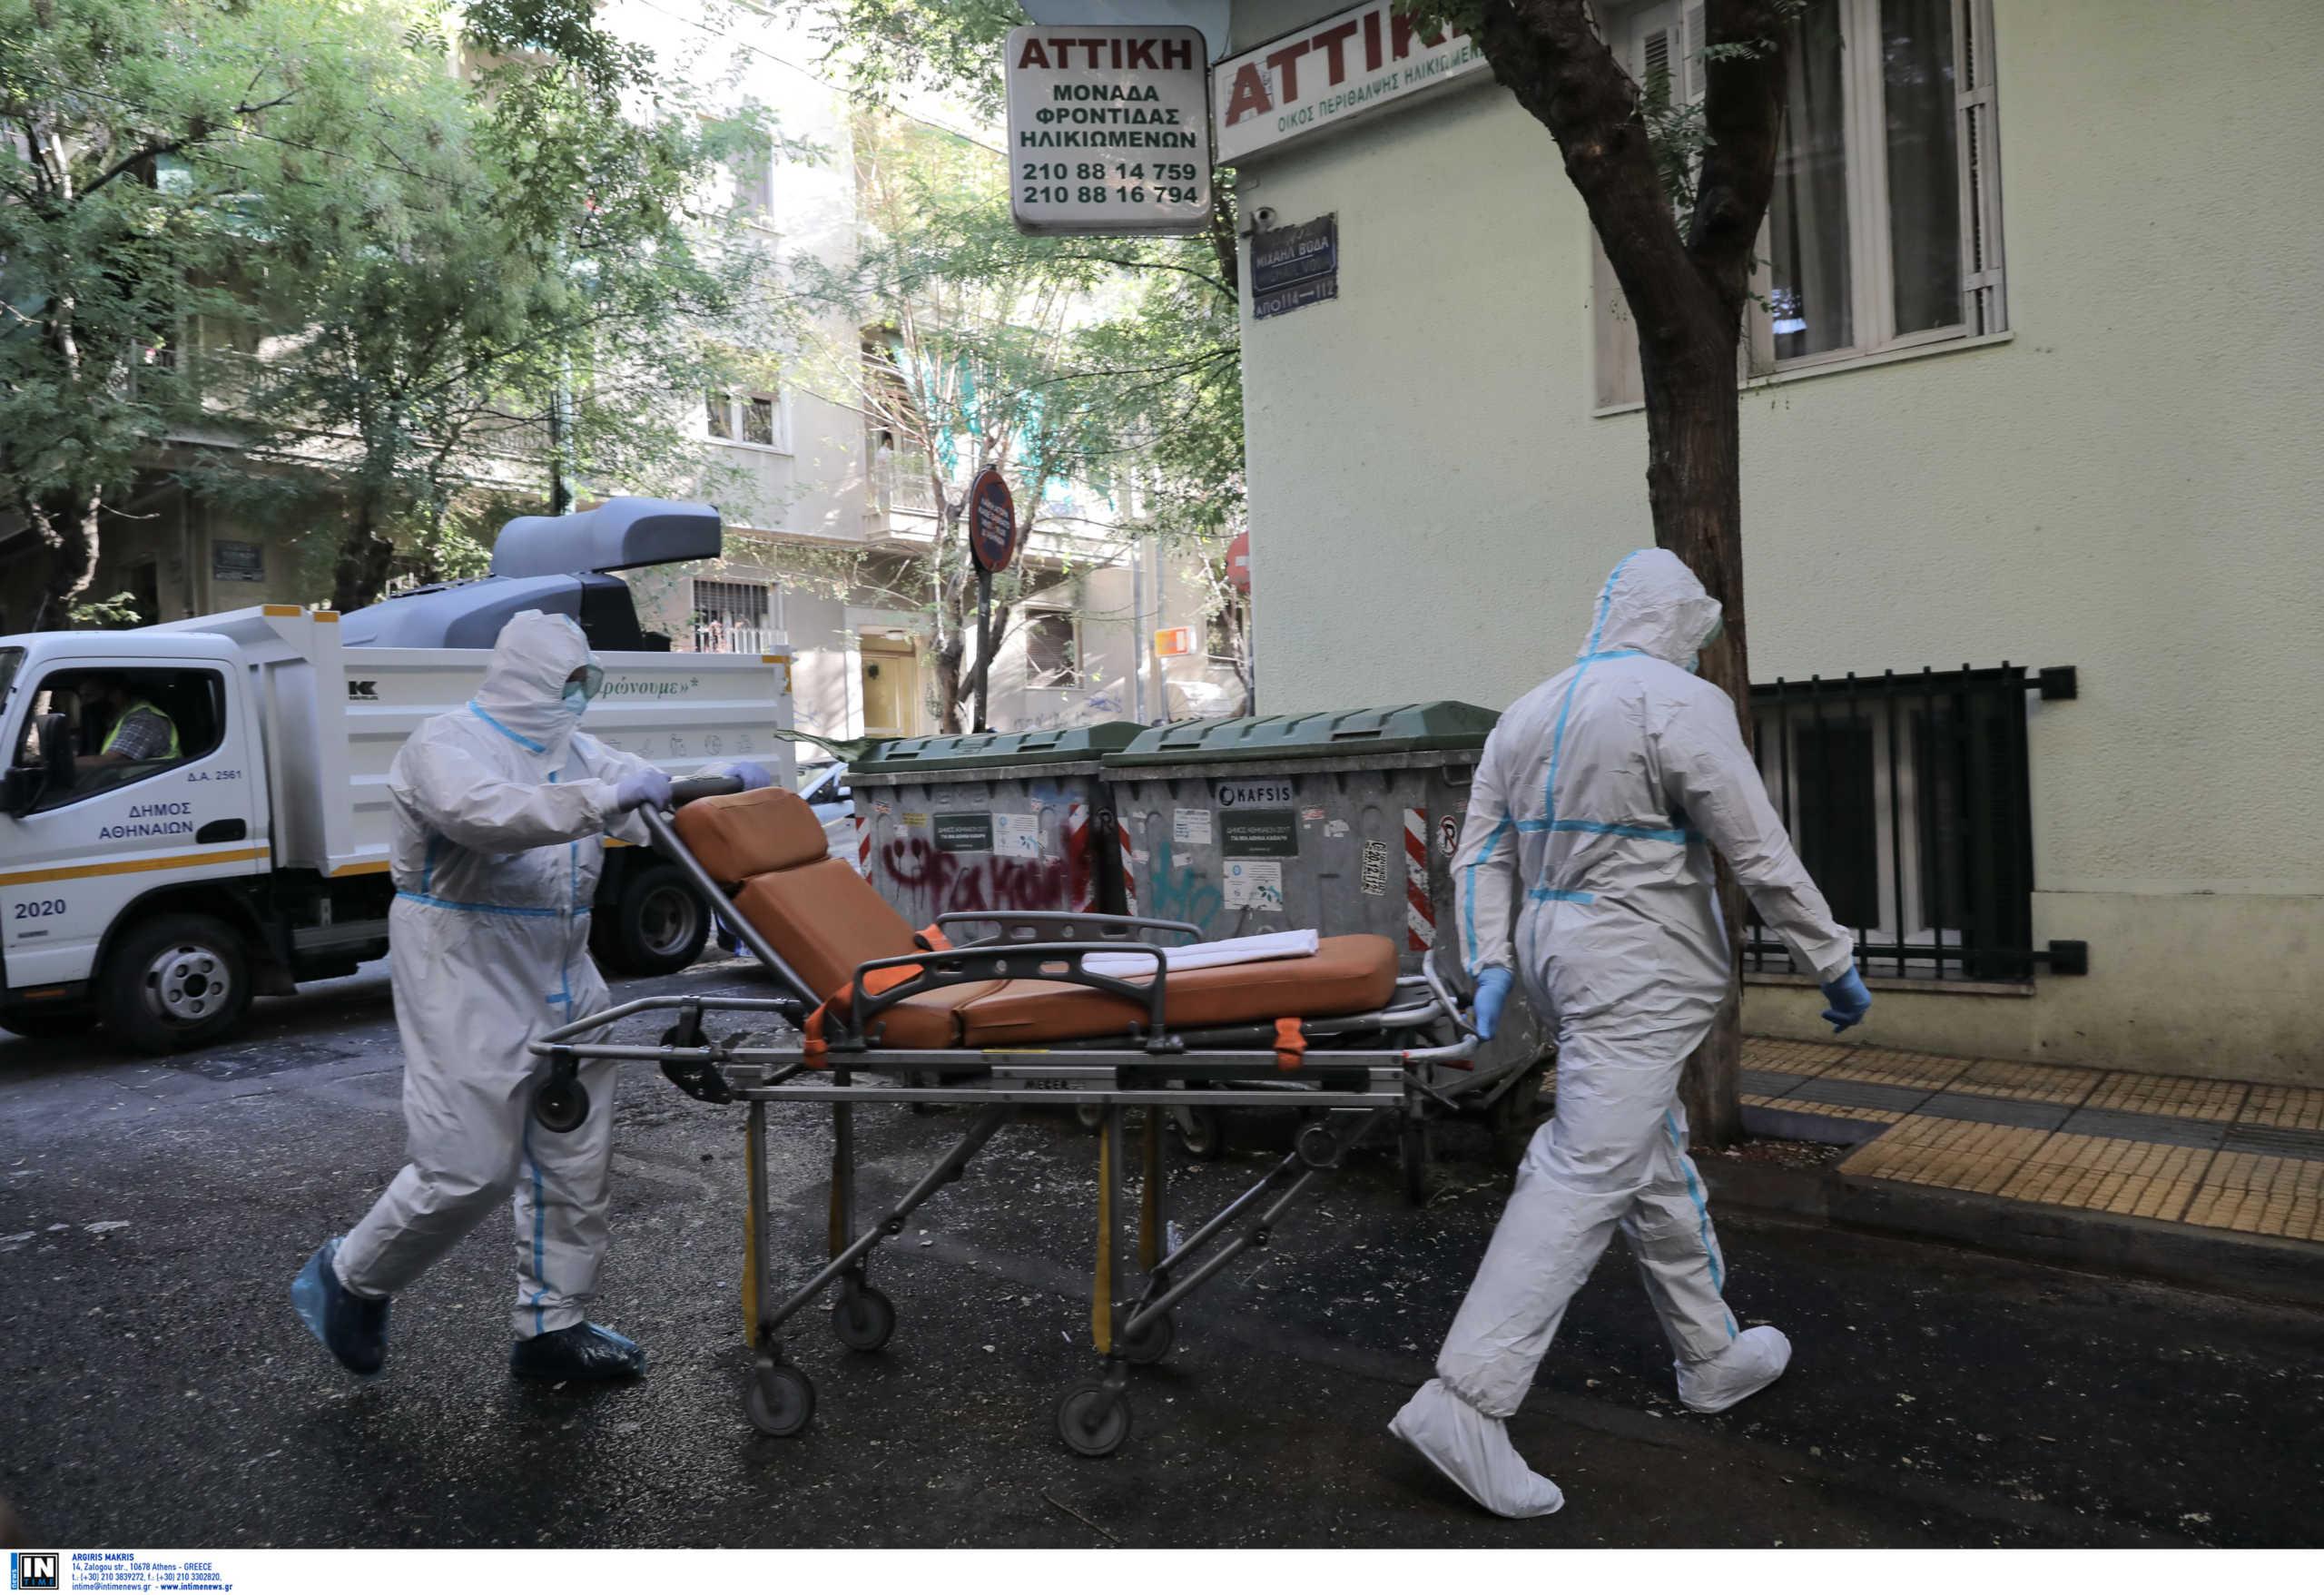 """""""Δεν είμαι ο ασθενής μηδέν""""! – Αποκαλύψεις από τον νοσηλευτή του γηροκομείου στον Άγιο Παντελεήμονα με τα 41 κρούσματα"""